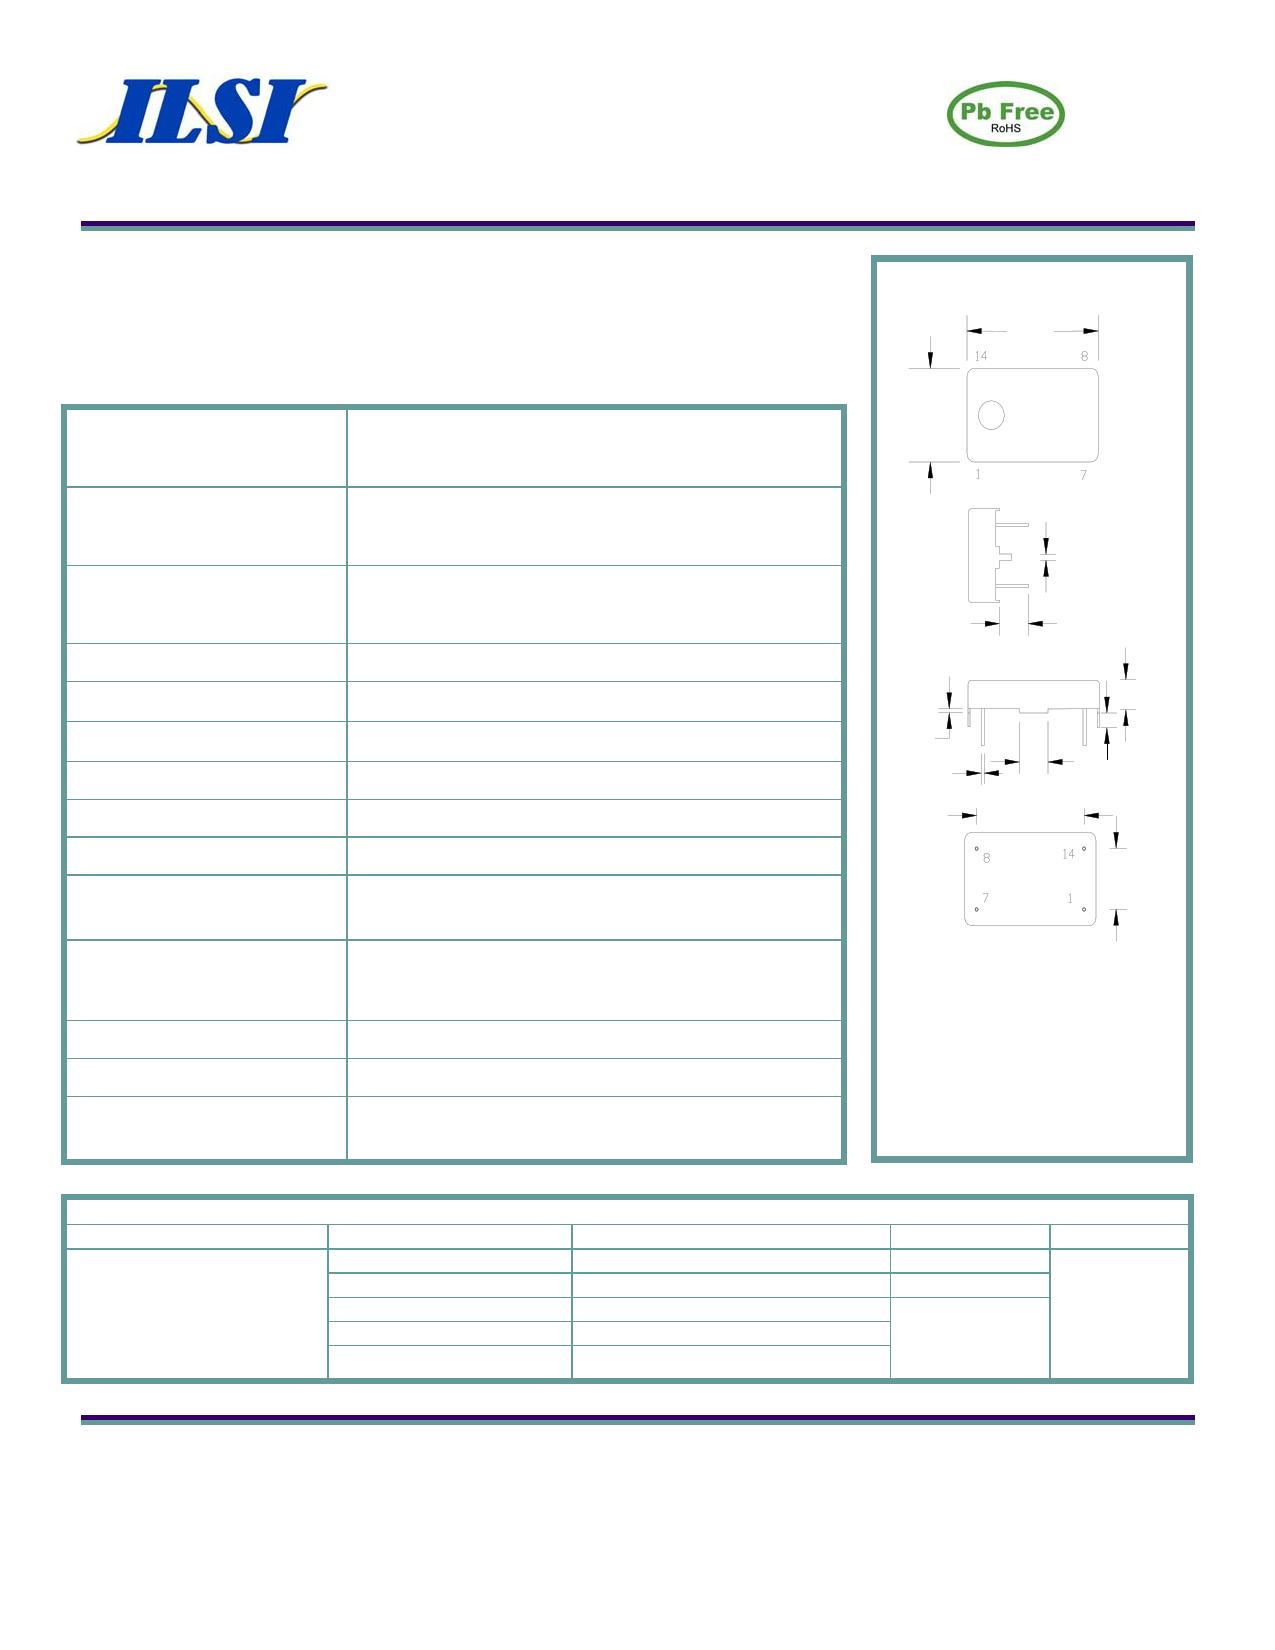 I122 datasheet